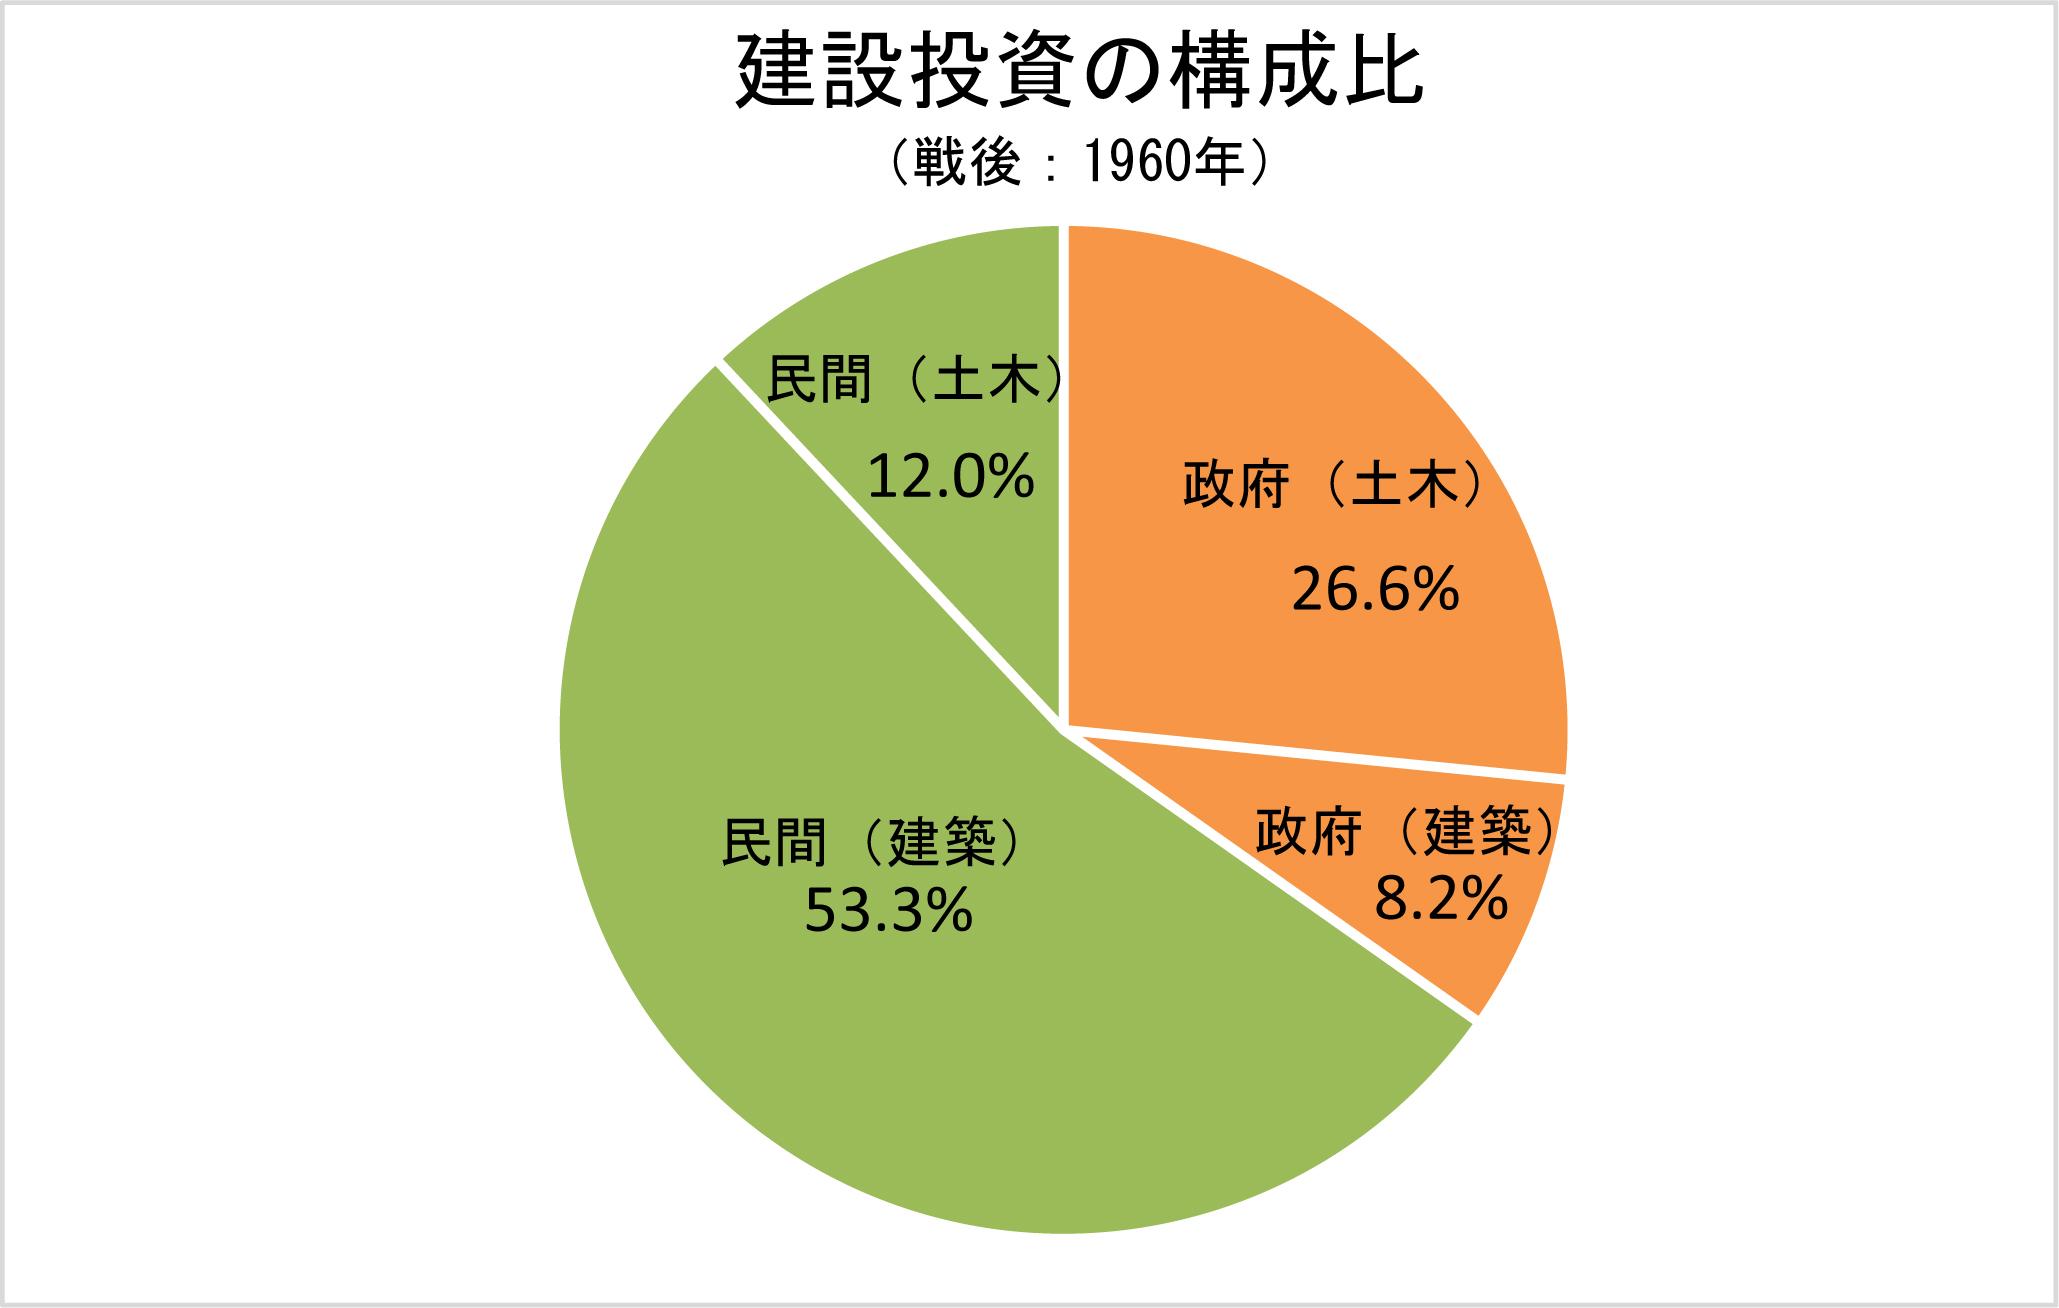 2-7 建設投資の構成比(戦後:1960年)